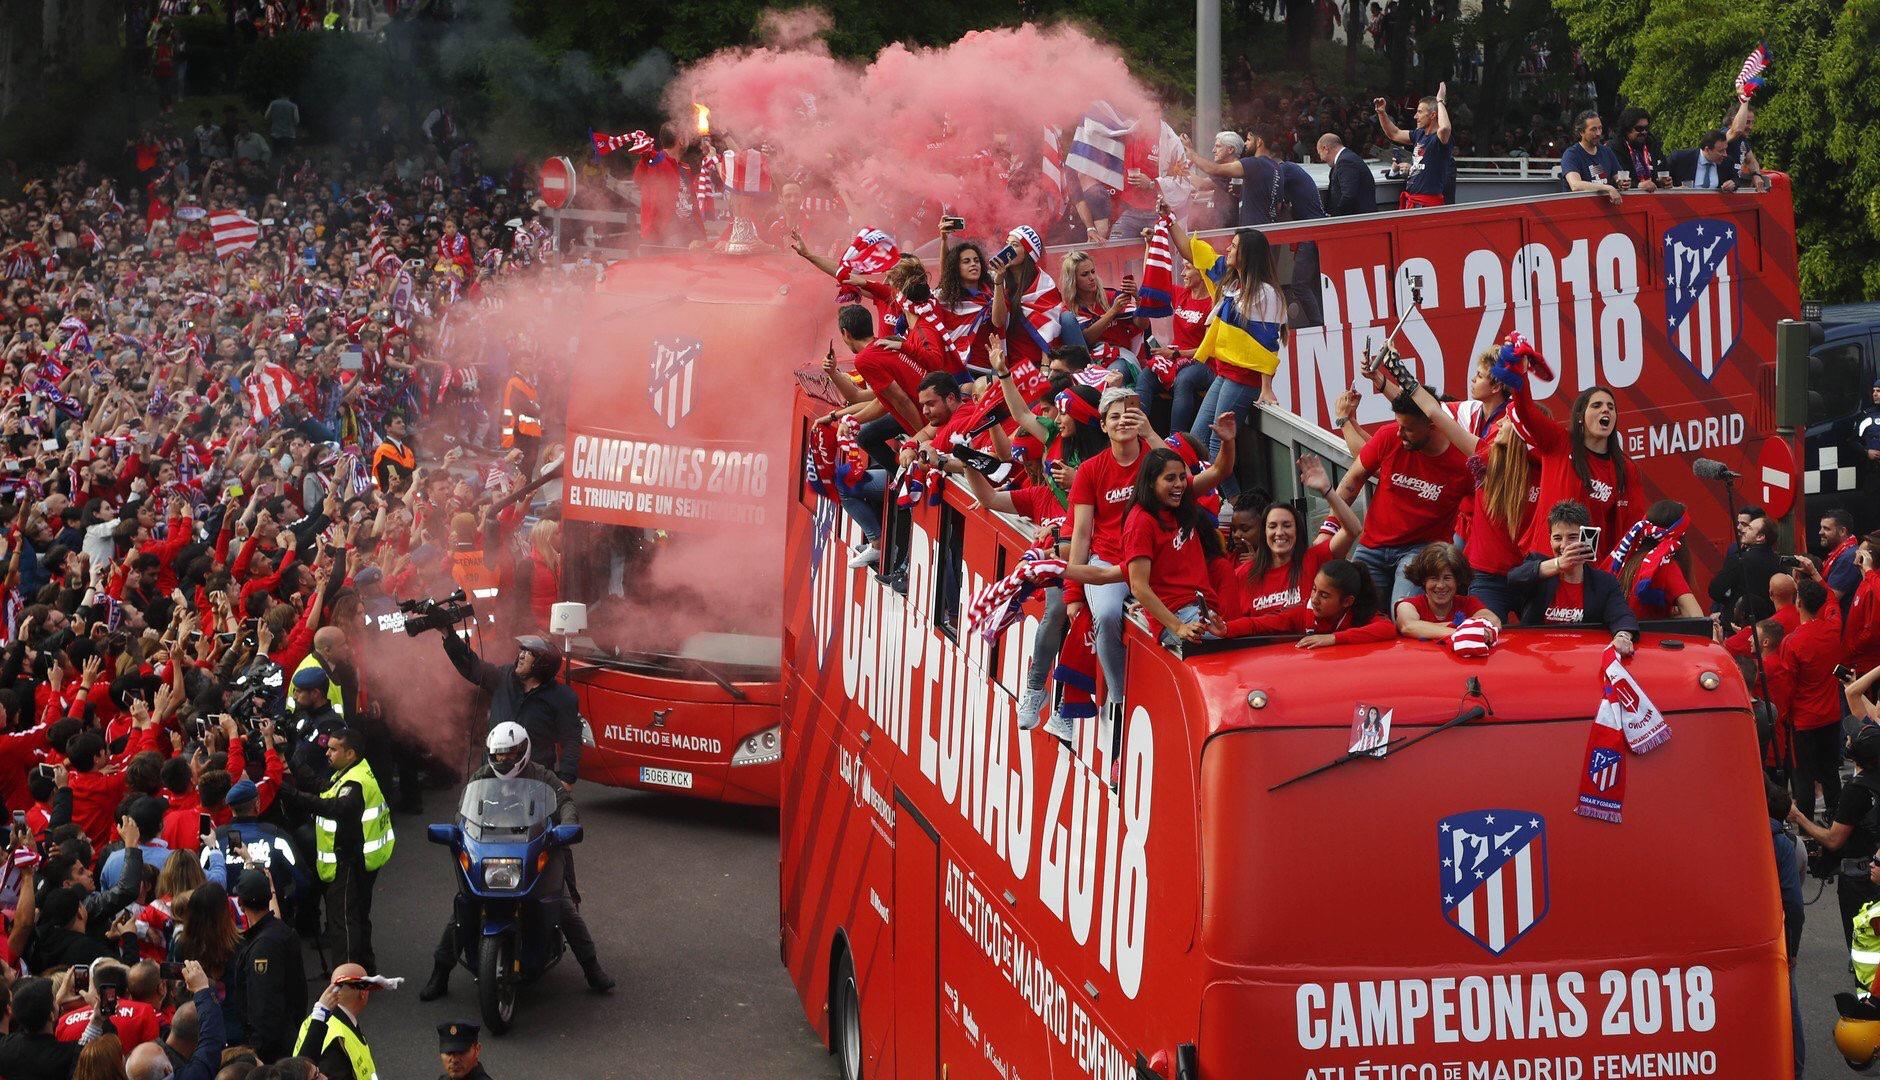 Photo of El Atlético de Madrid regresa a Las Gaunas para enfrentarse al EDF Femenino y nosotros te invitamos a verlo.